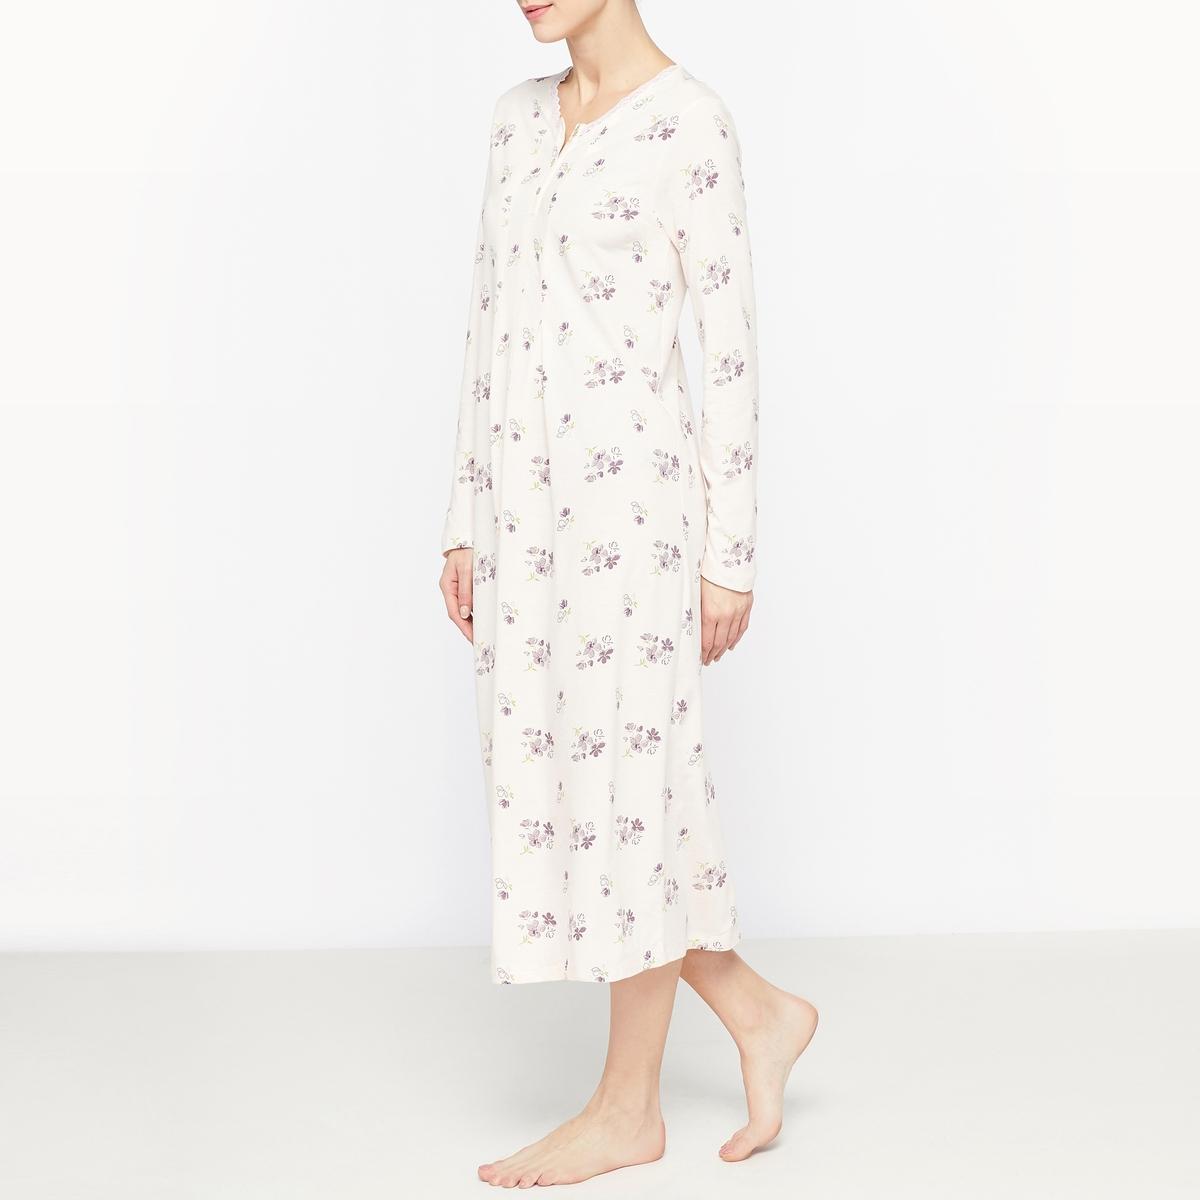 Сорочка ночная с цветочным рисунком